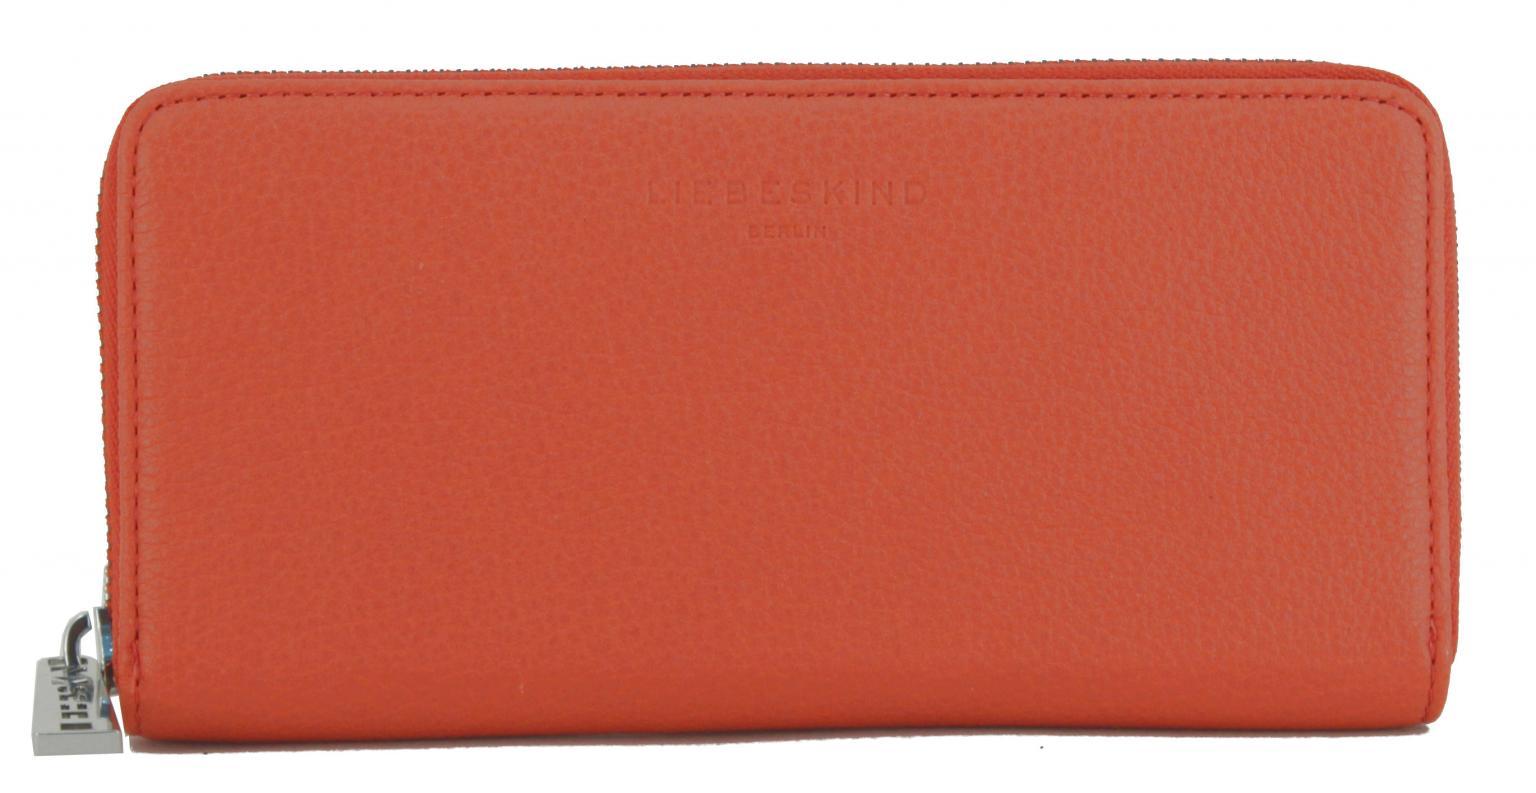 7d8db7d2578a7 Damenbrieftasche Liebeskind Berlin CoGigiH8 chili red rot orange ...